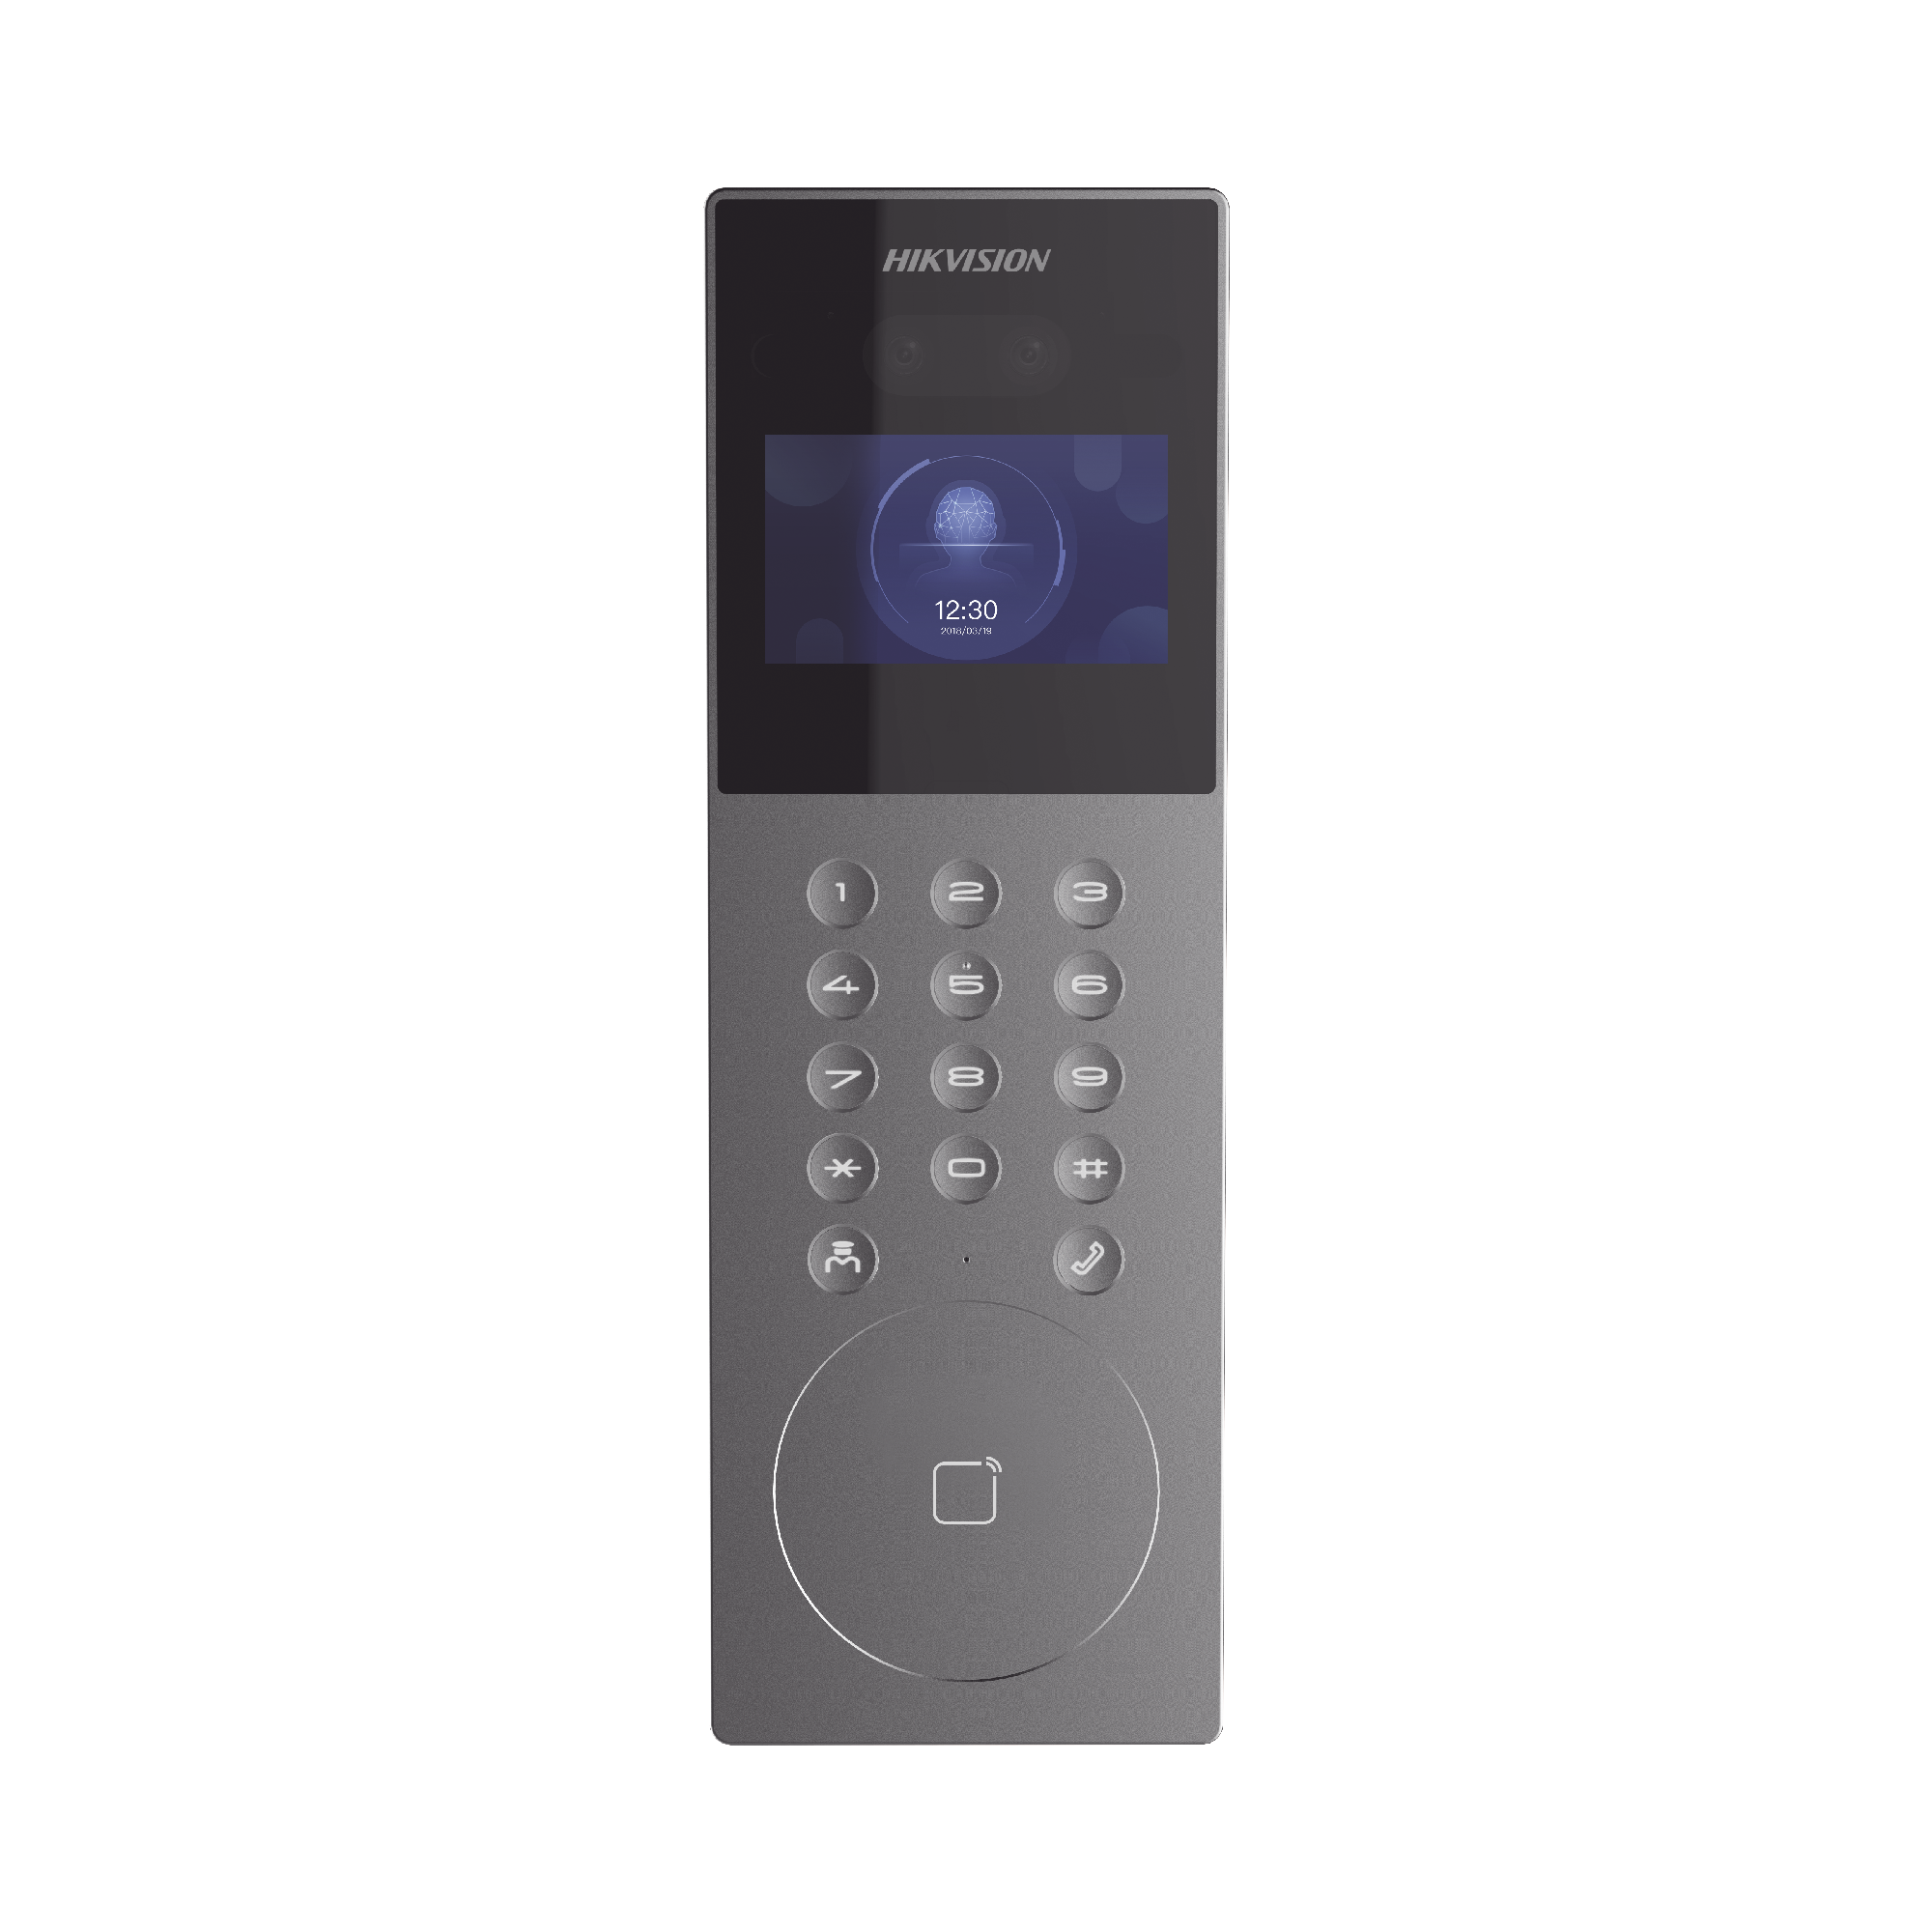 Videoportero IP Multiapartamento con Reconocimiento Facial / Llamada a App HikConnect  / Protección IP65 / Apertura por Rostro, Tarjeta o App